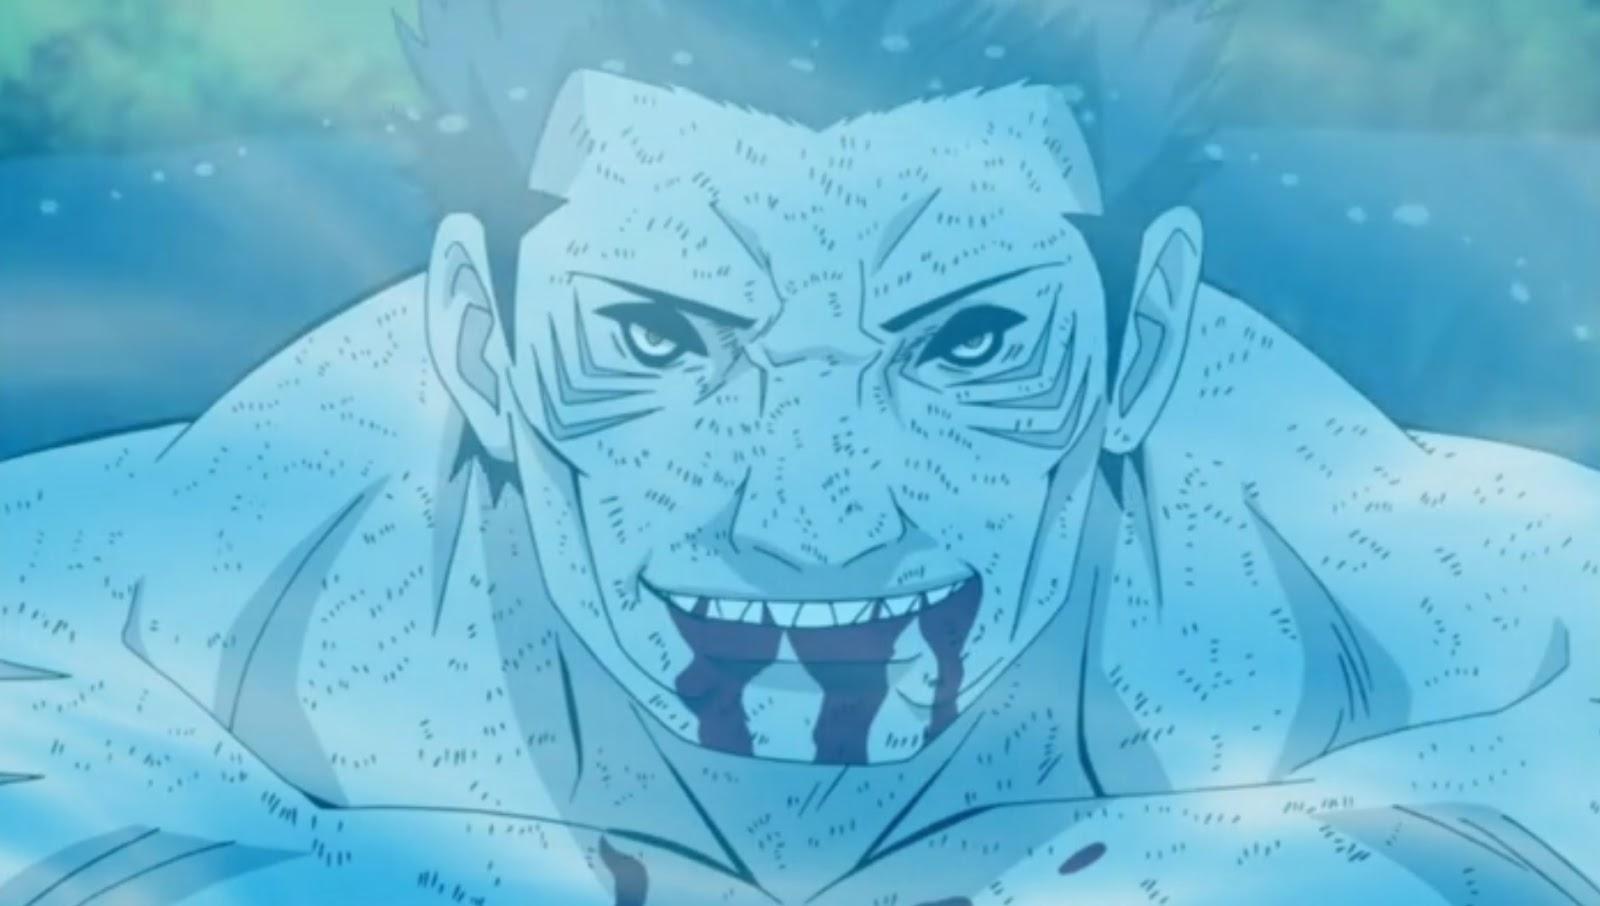 Naruto Shippuden Episódio 251, Assistir Naruto Shippuden Episódio 251, Assistir Naruto Shippuden Todos os Episódios Legendado, Naruto Shippuden episódio 251,HD